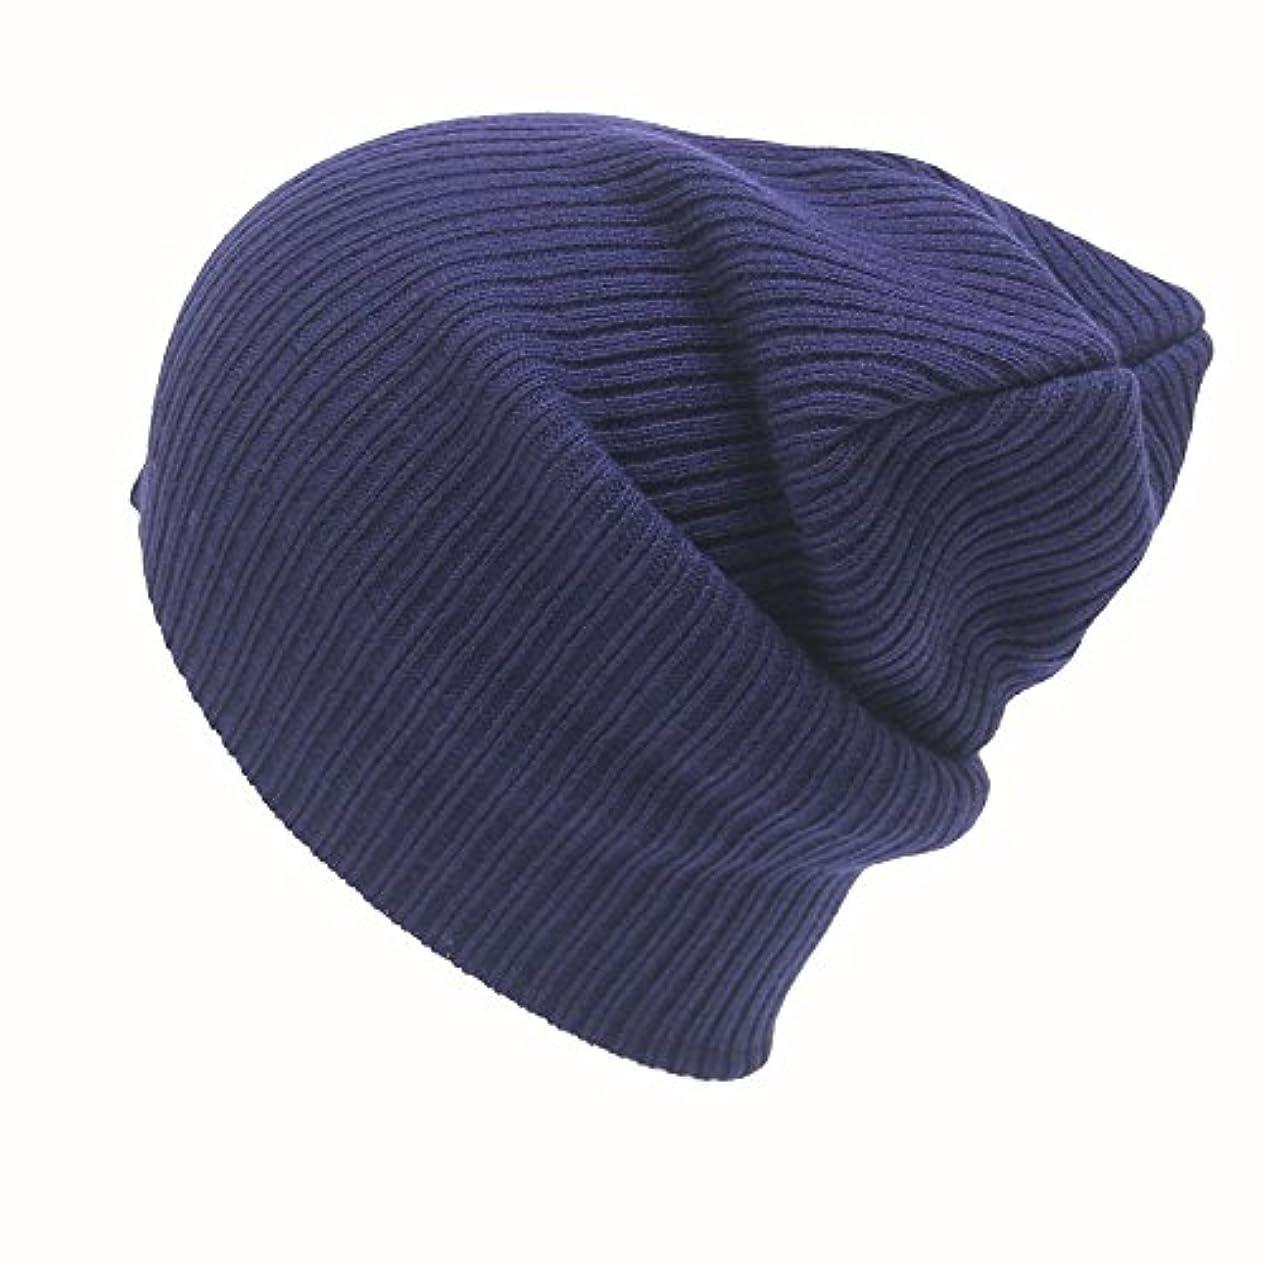 サーキットに行く抑圧する満足Racazing 選べる7色 ニット帽 編み物 ストライプ ニット帽 防寒対策 通気性のある 防風 暖かい 軽量 屋外 スキー 自転車 クリスマス Hat 男女兼用 (ネービー)